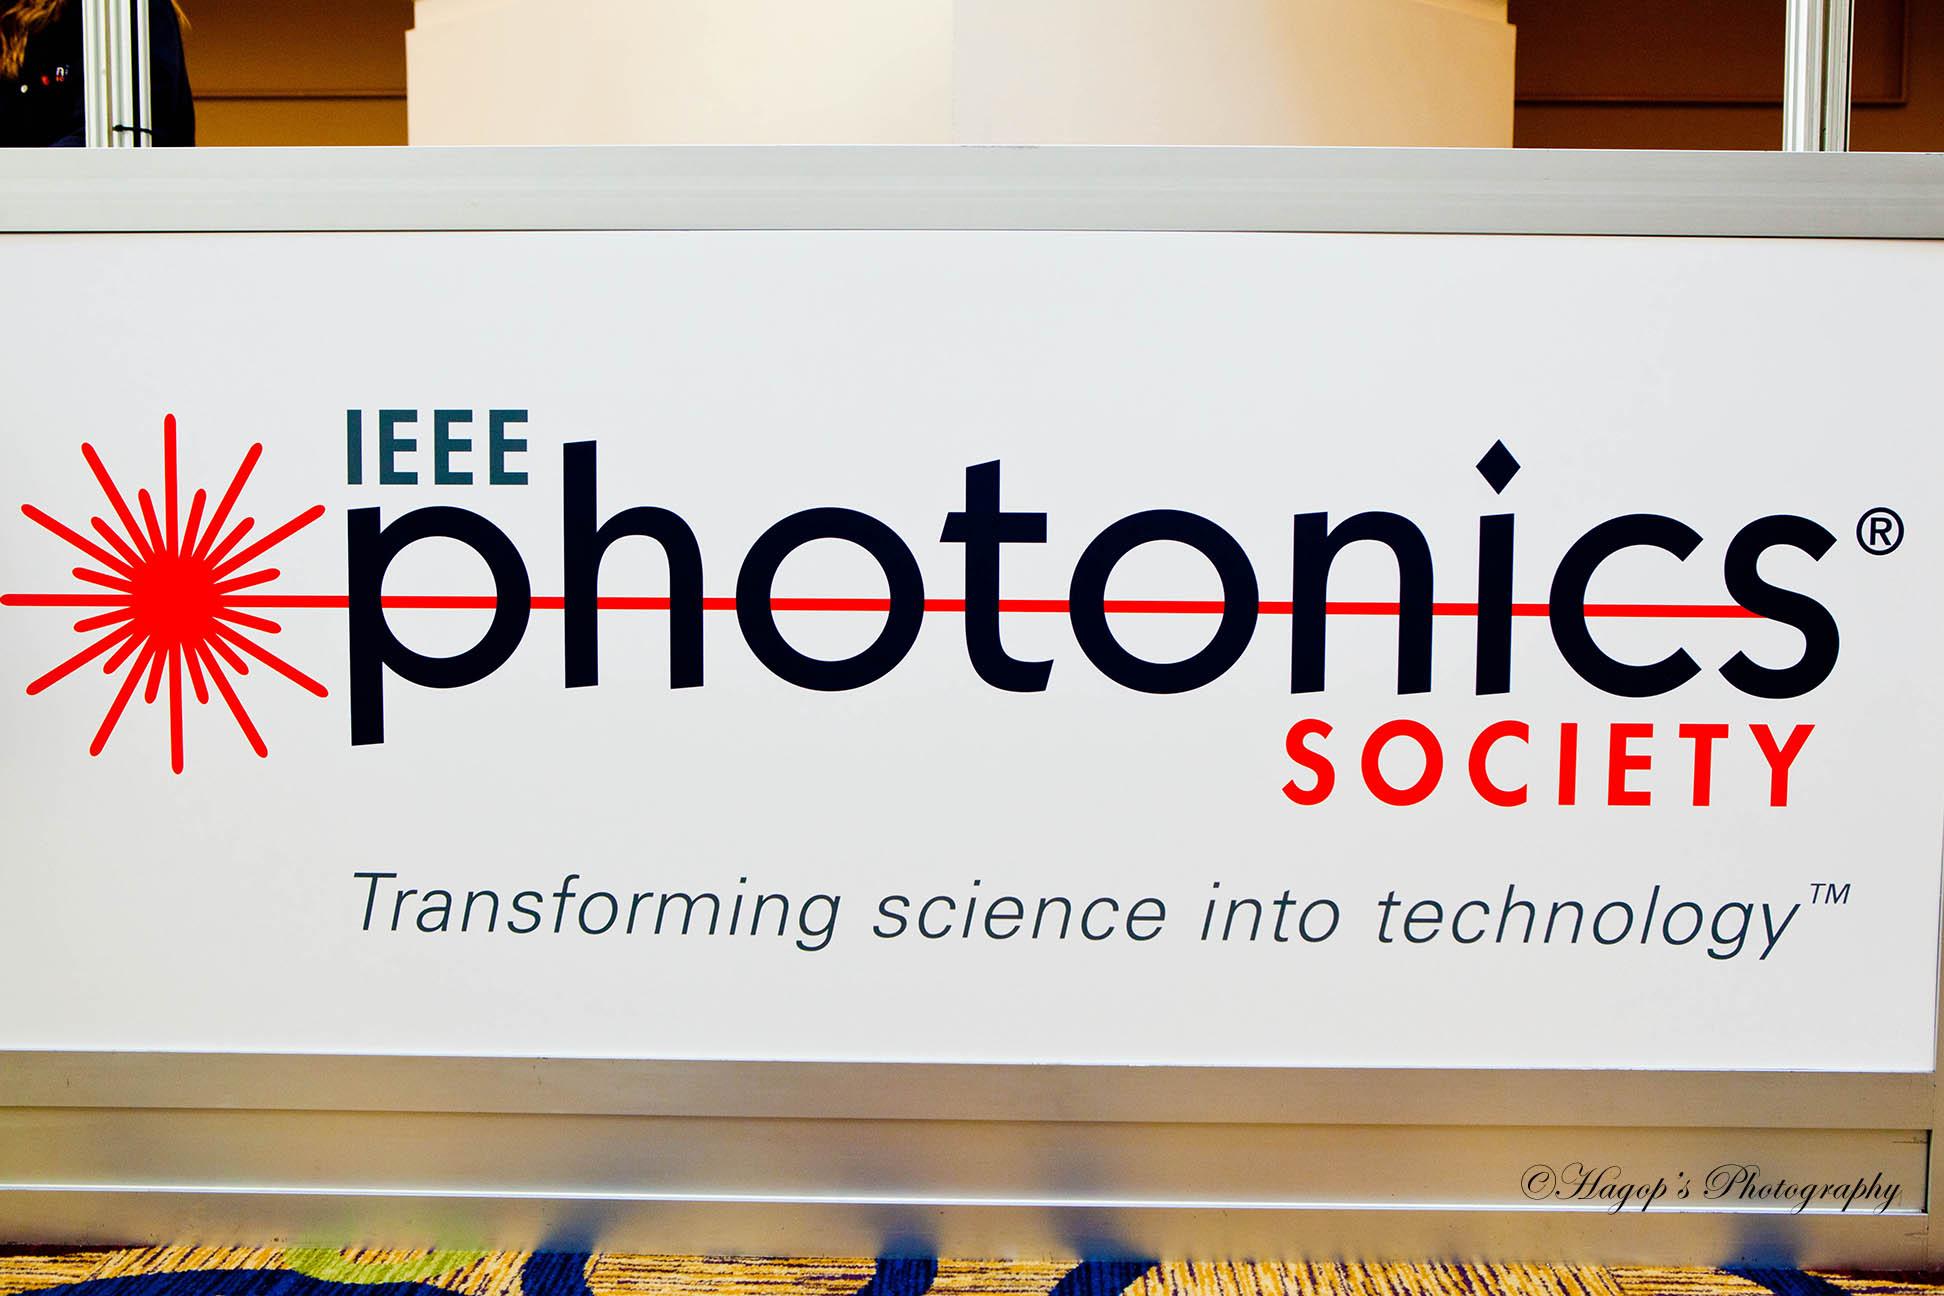 photonics society sign